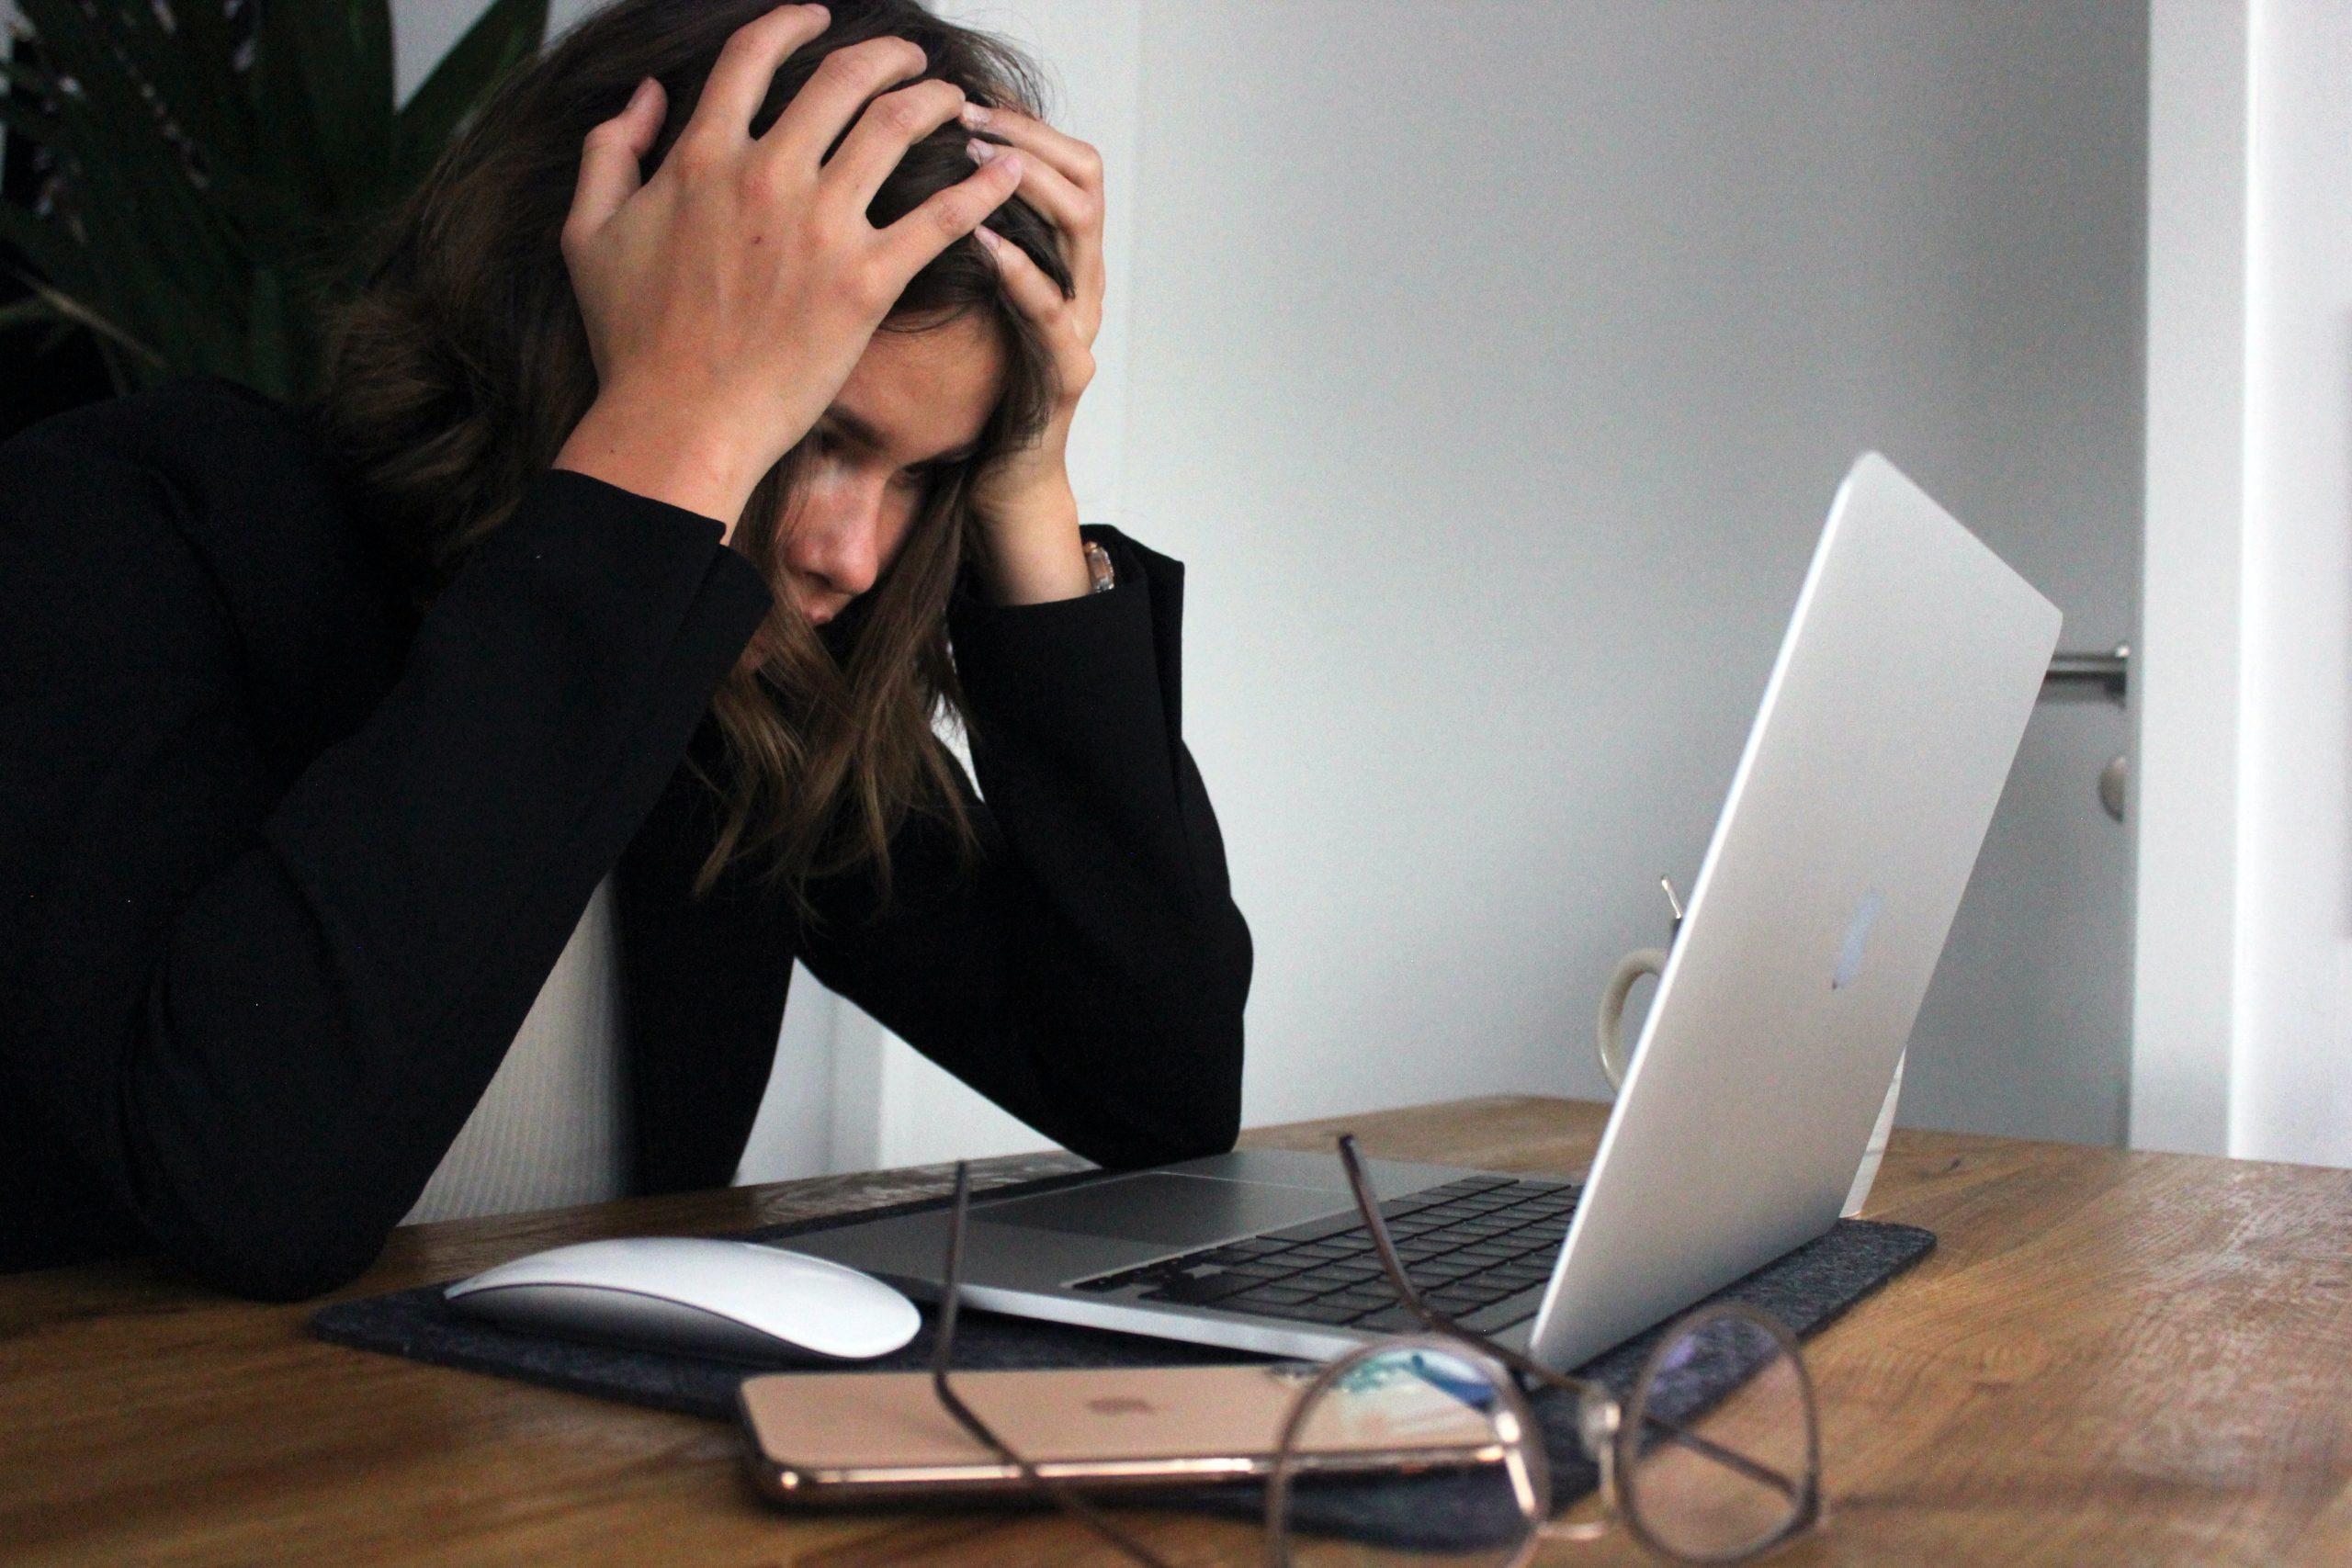 Egy mérgező munkahely káros, mint egy bántalmazó kapcsolat!